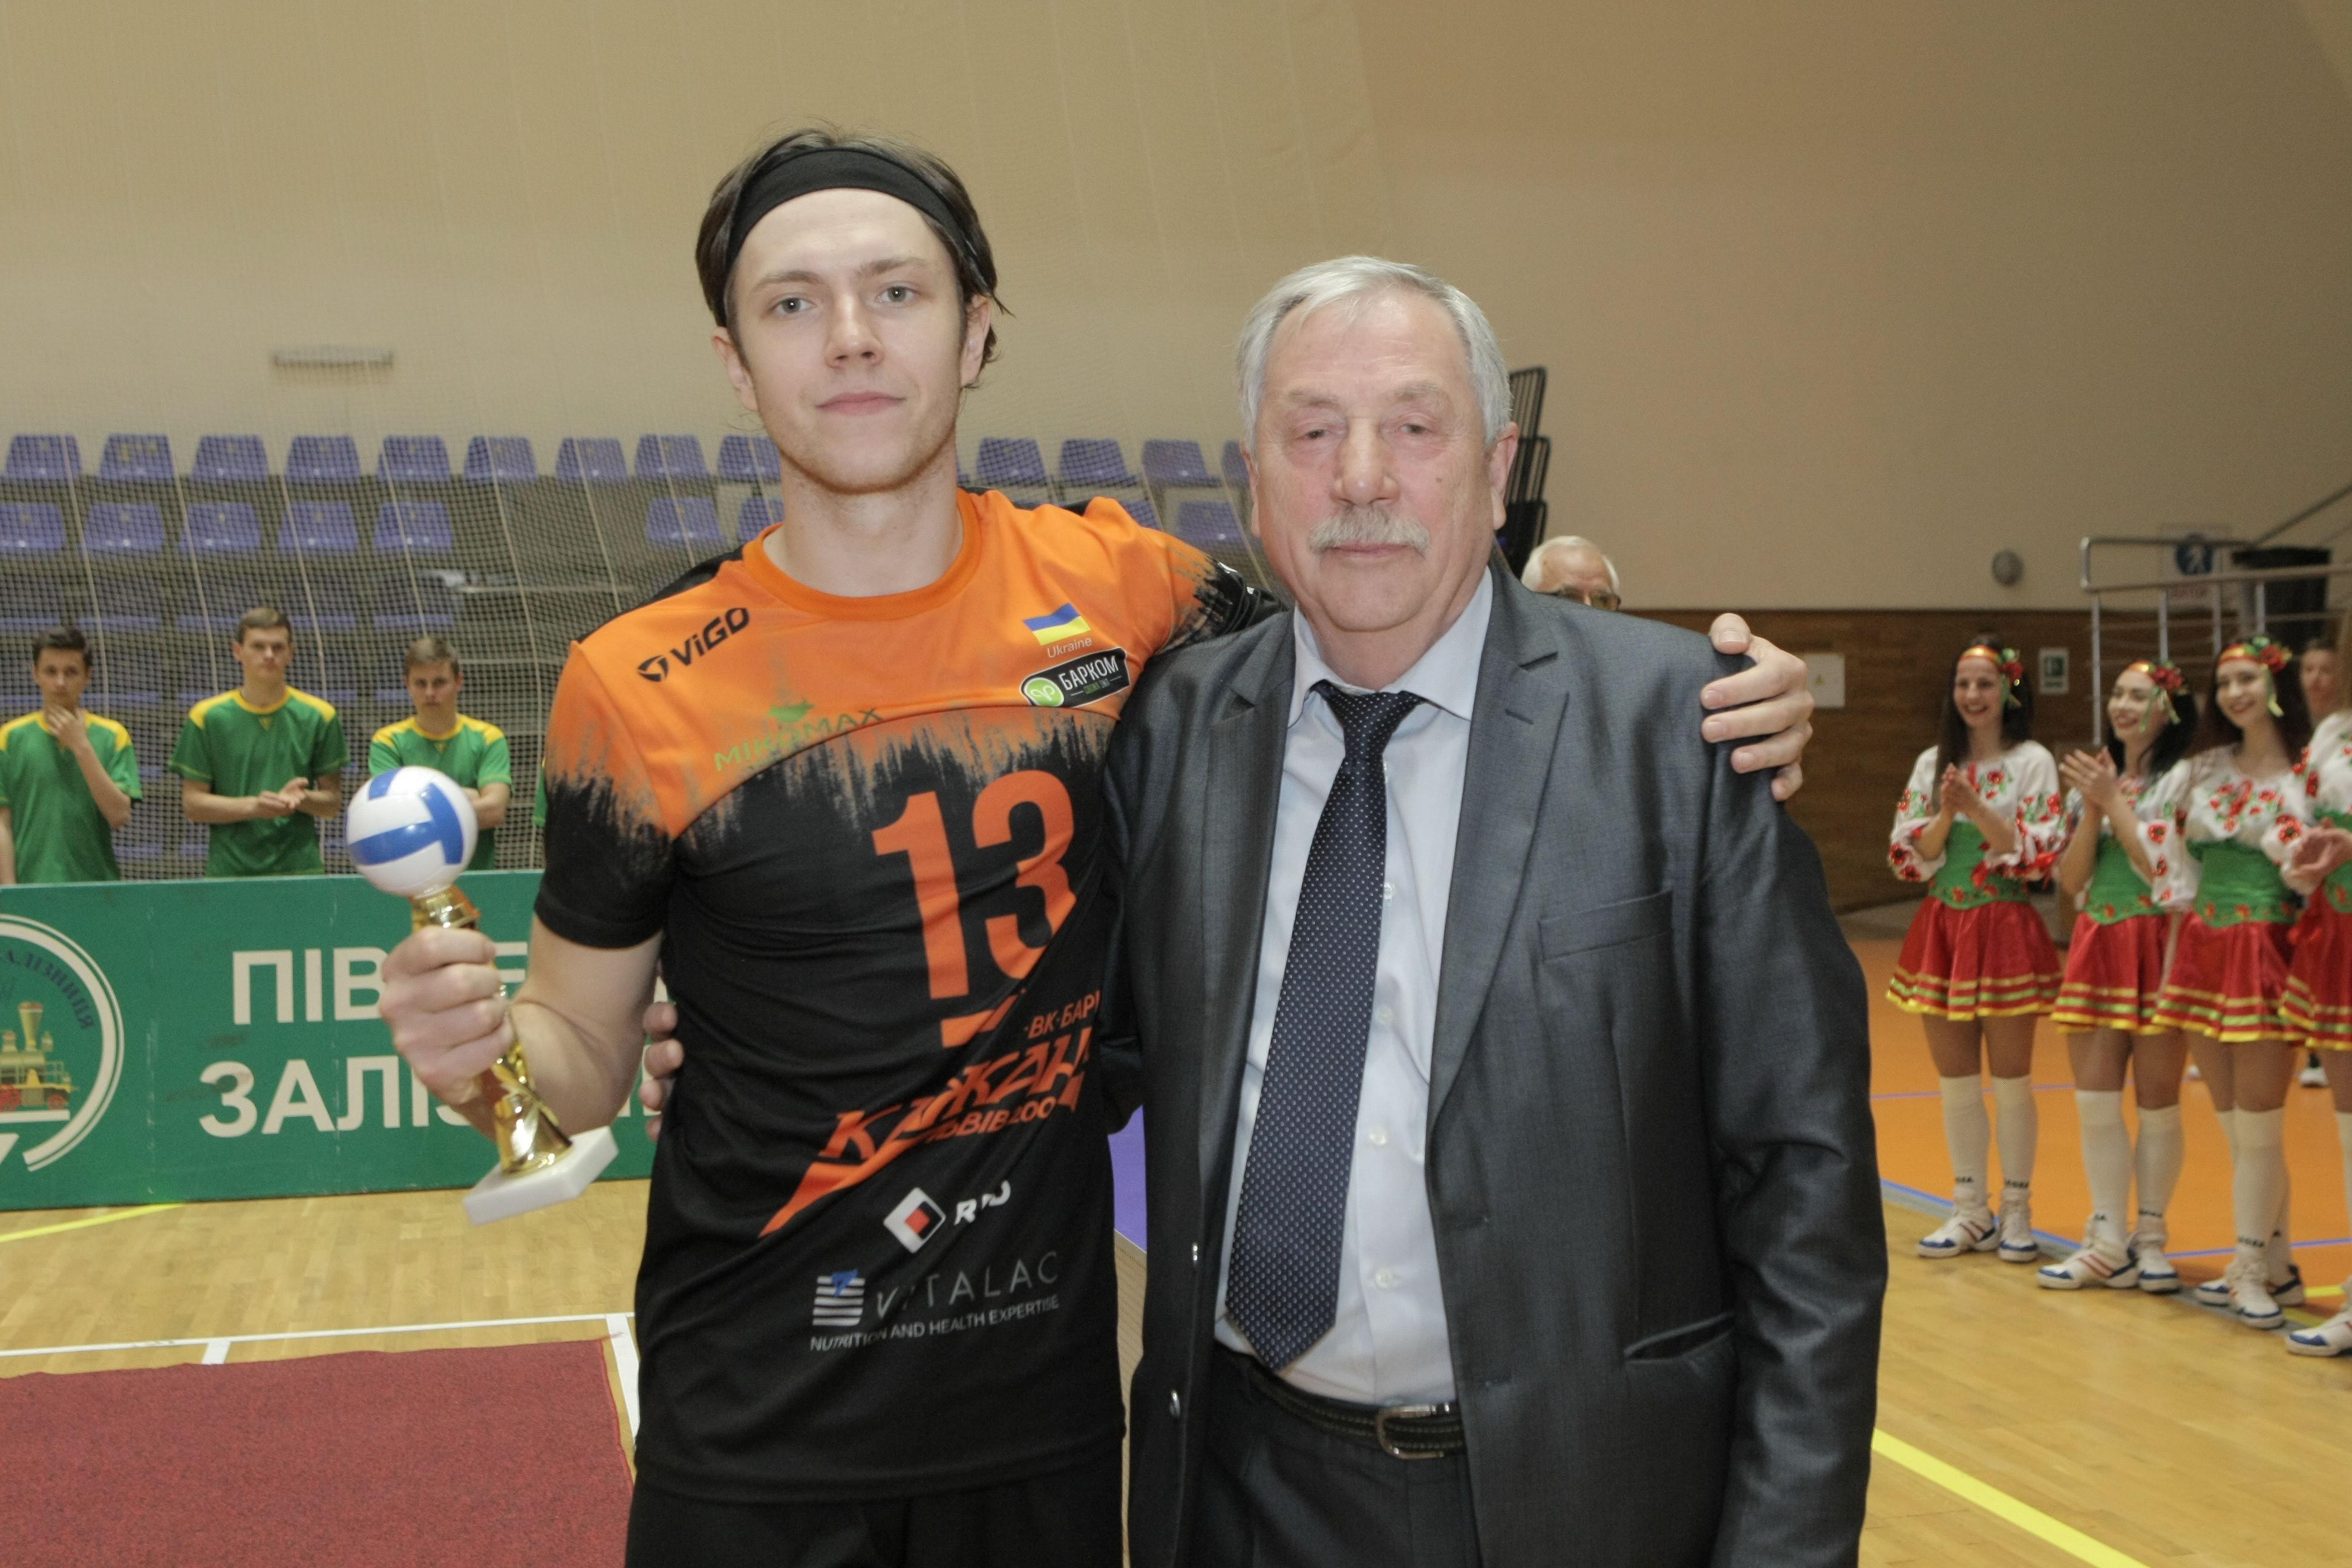 Нагородження кубком Чемпіонів України (29 квітня, фотозвіт) - 12